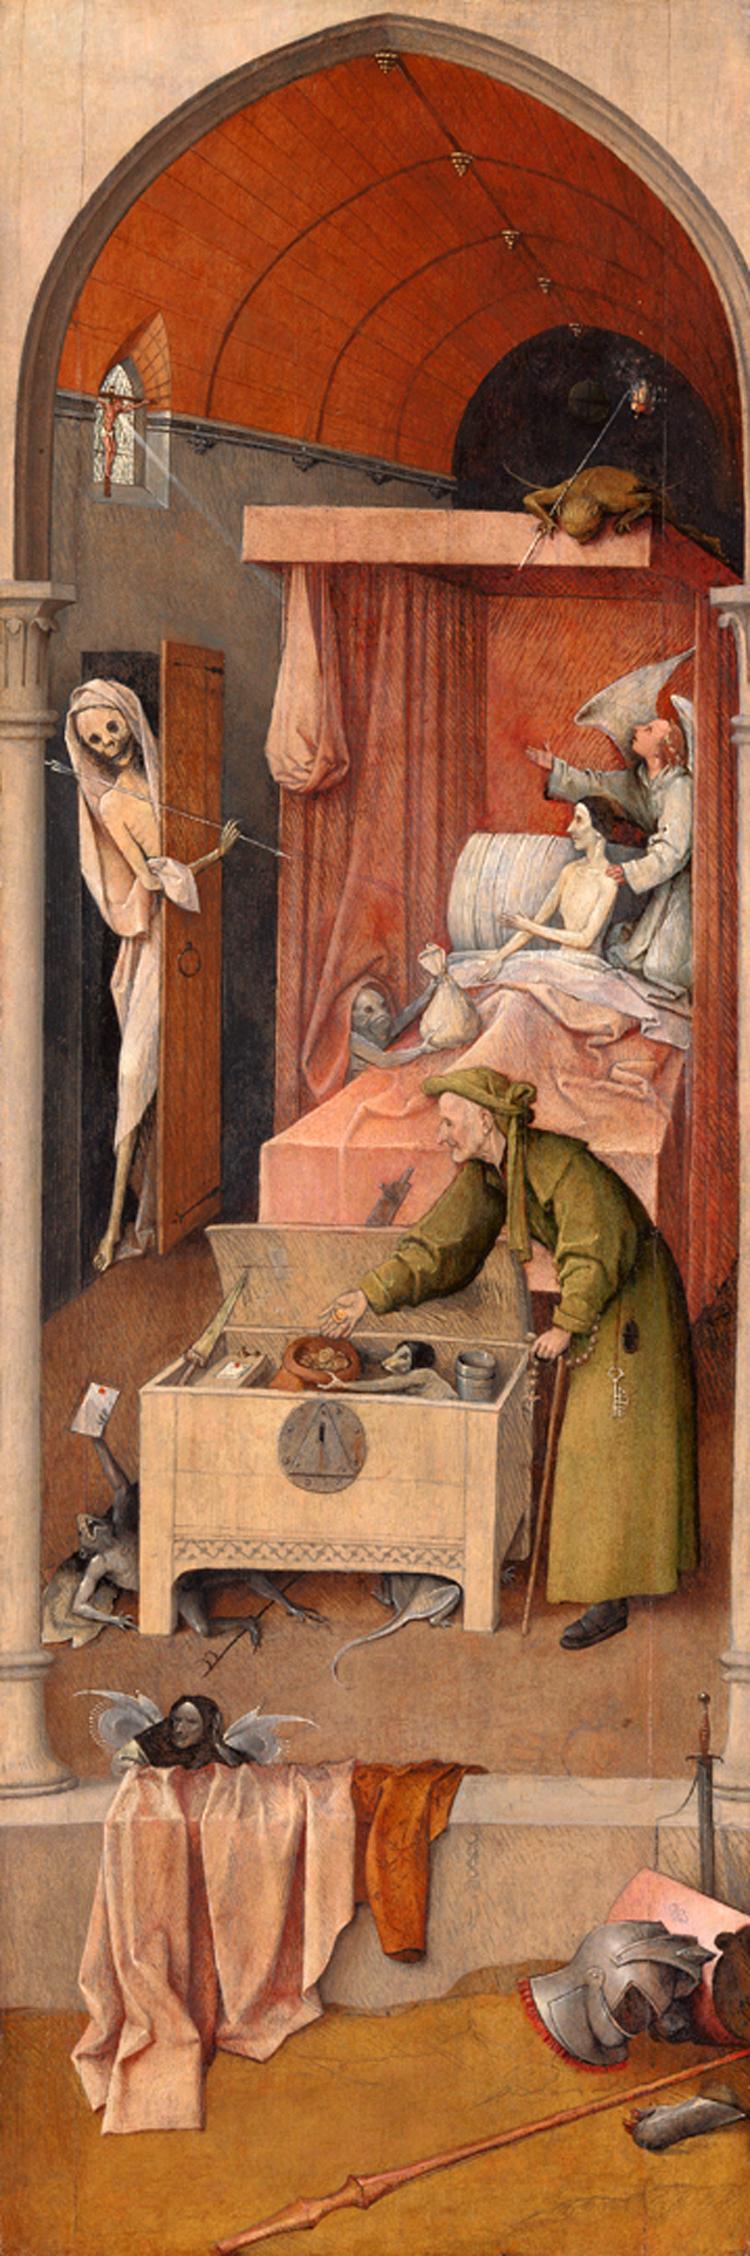 Jeroen Bosch, De dood en de vrek (National Gallery of Art, Washington), onderdeel van de Landlopertriptiek (ca. 1500-1510). Foto en beeldverwerking Rik Klein Gotink en Robert G. Erdmann (BRCP)